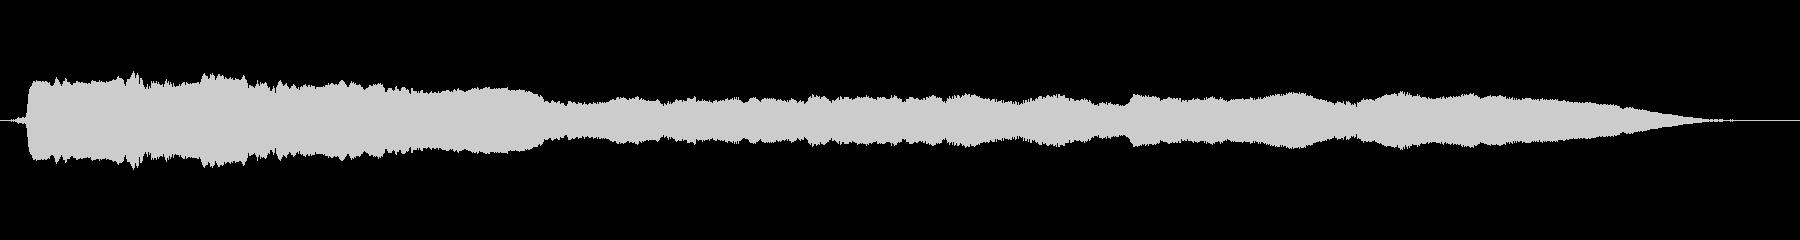 スパイラルスライドダウンの未再生の波形